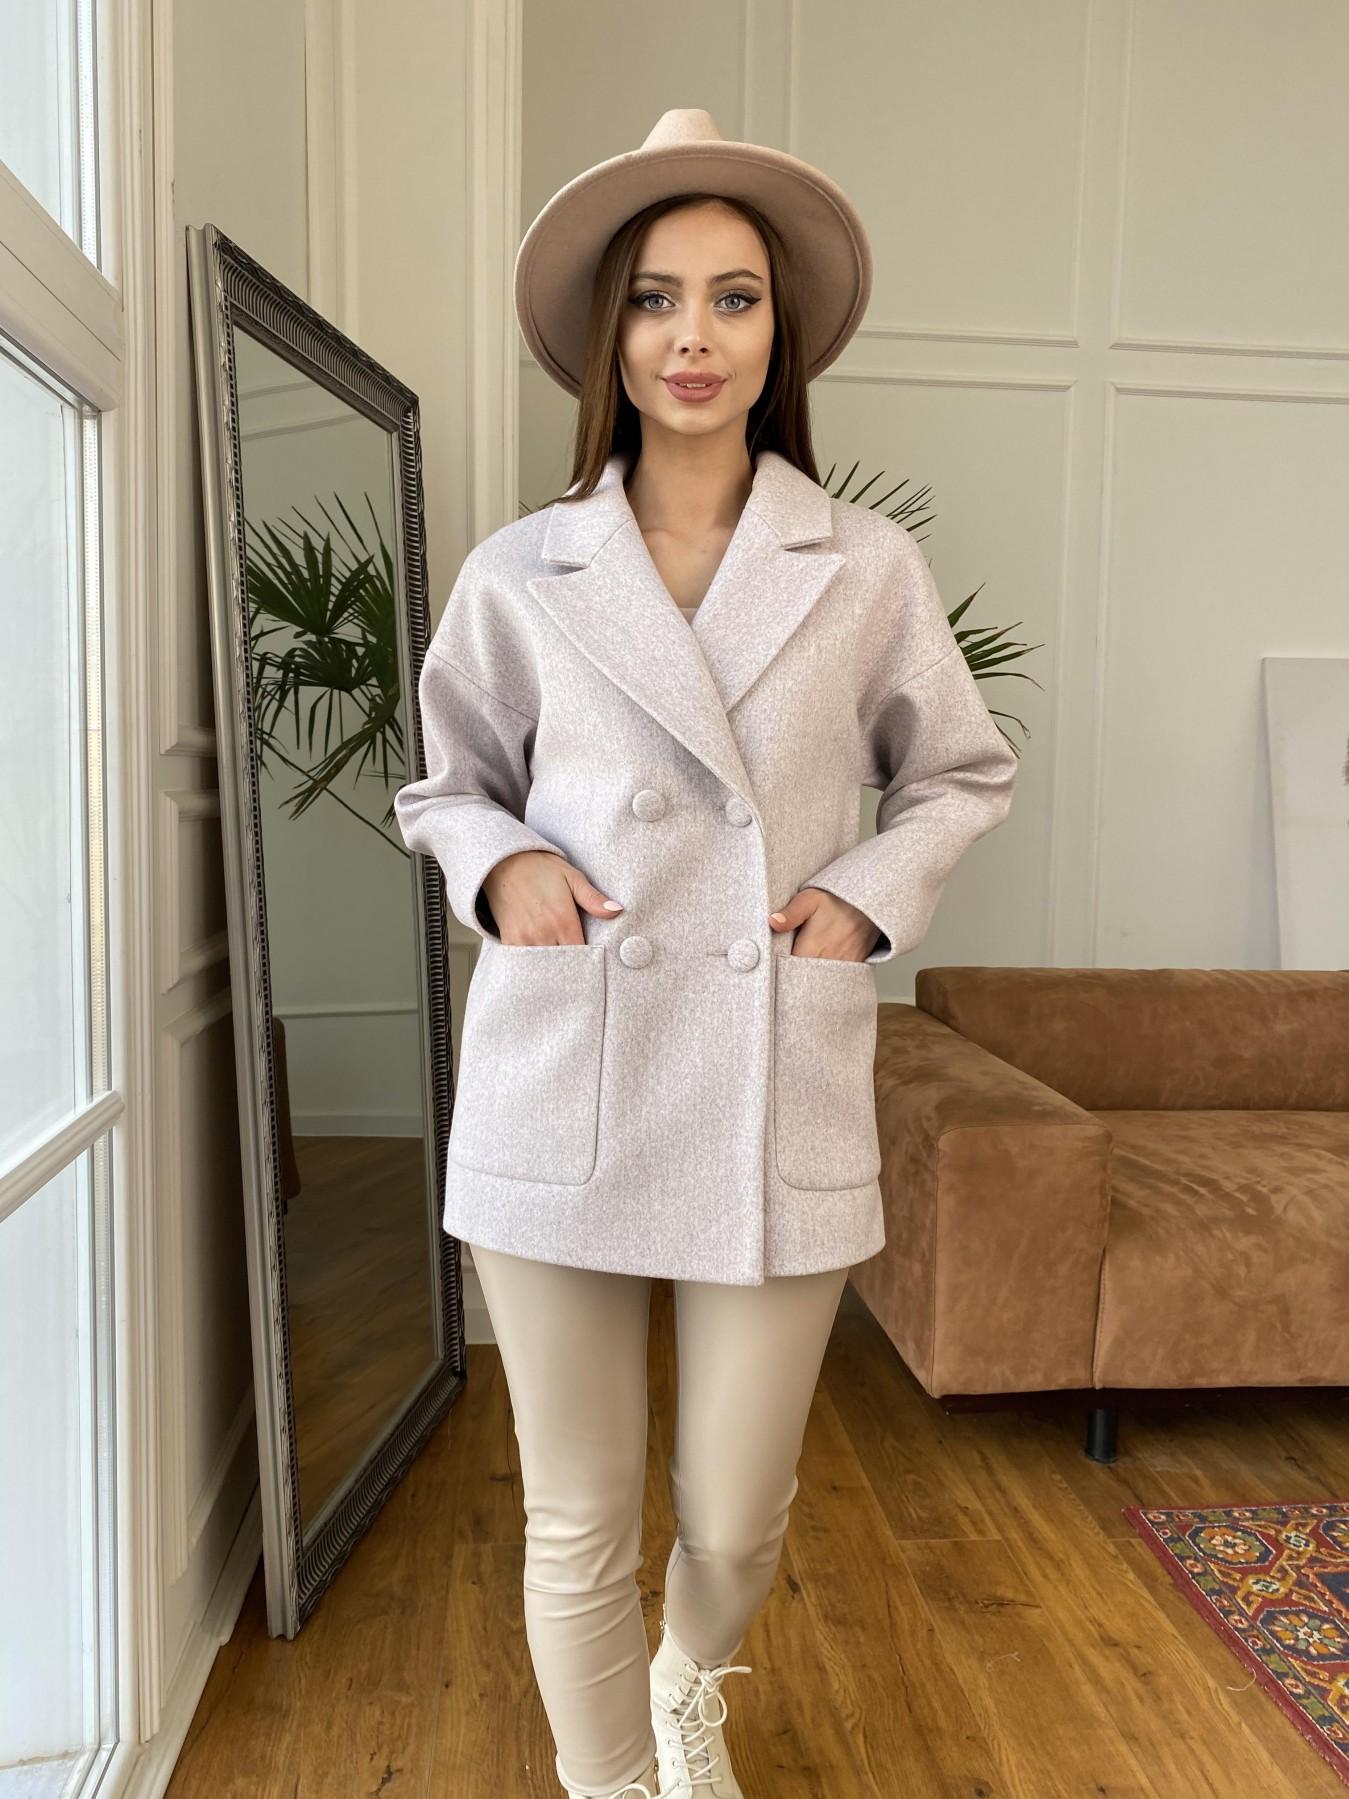 Мансера пальто кашемир меланж на трикотаже  10629 АРТ. 47554 Цвет: Серо-розовый 21 - фото 2, интернет магазин tm-modus.ru